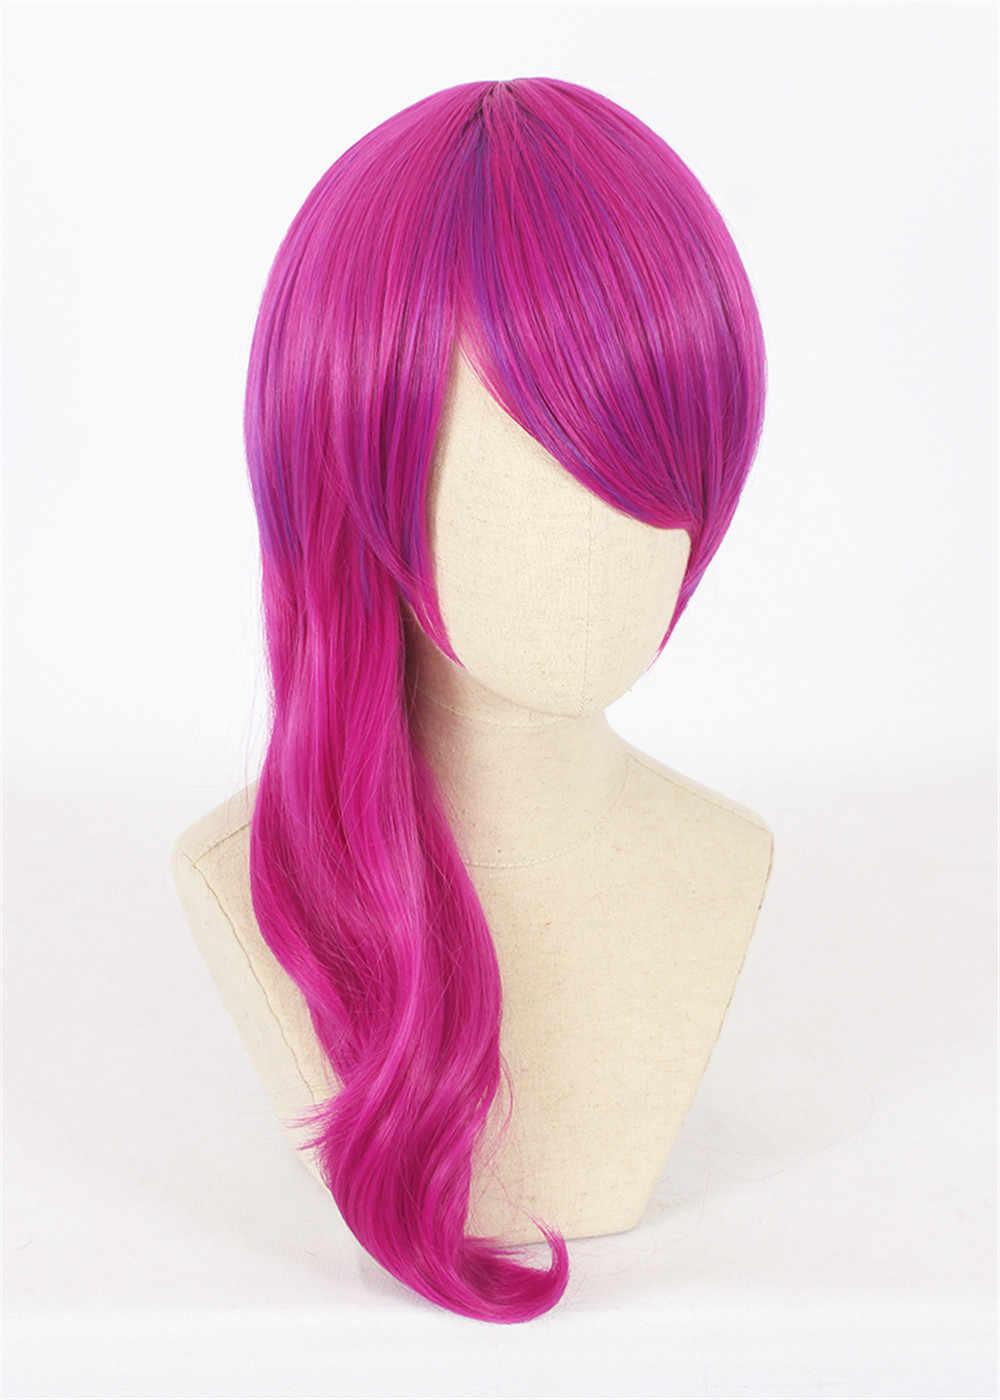 Персонаж игры LOL K/DA Evelynn Косплей парики 50 см Розовый Красный KDA термостойкие синтетические волосы Perucas Косплей парик